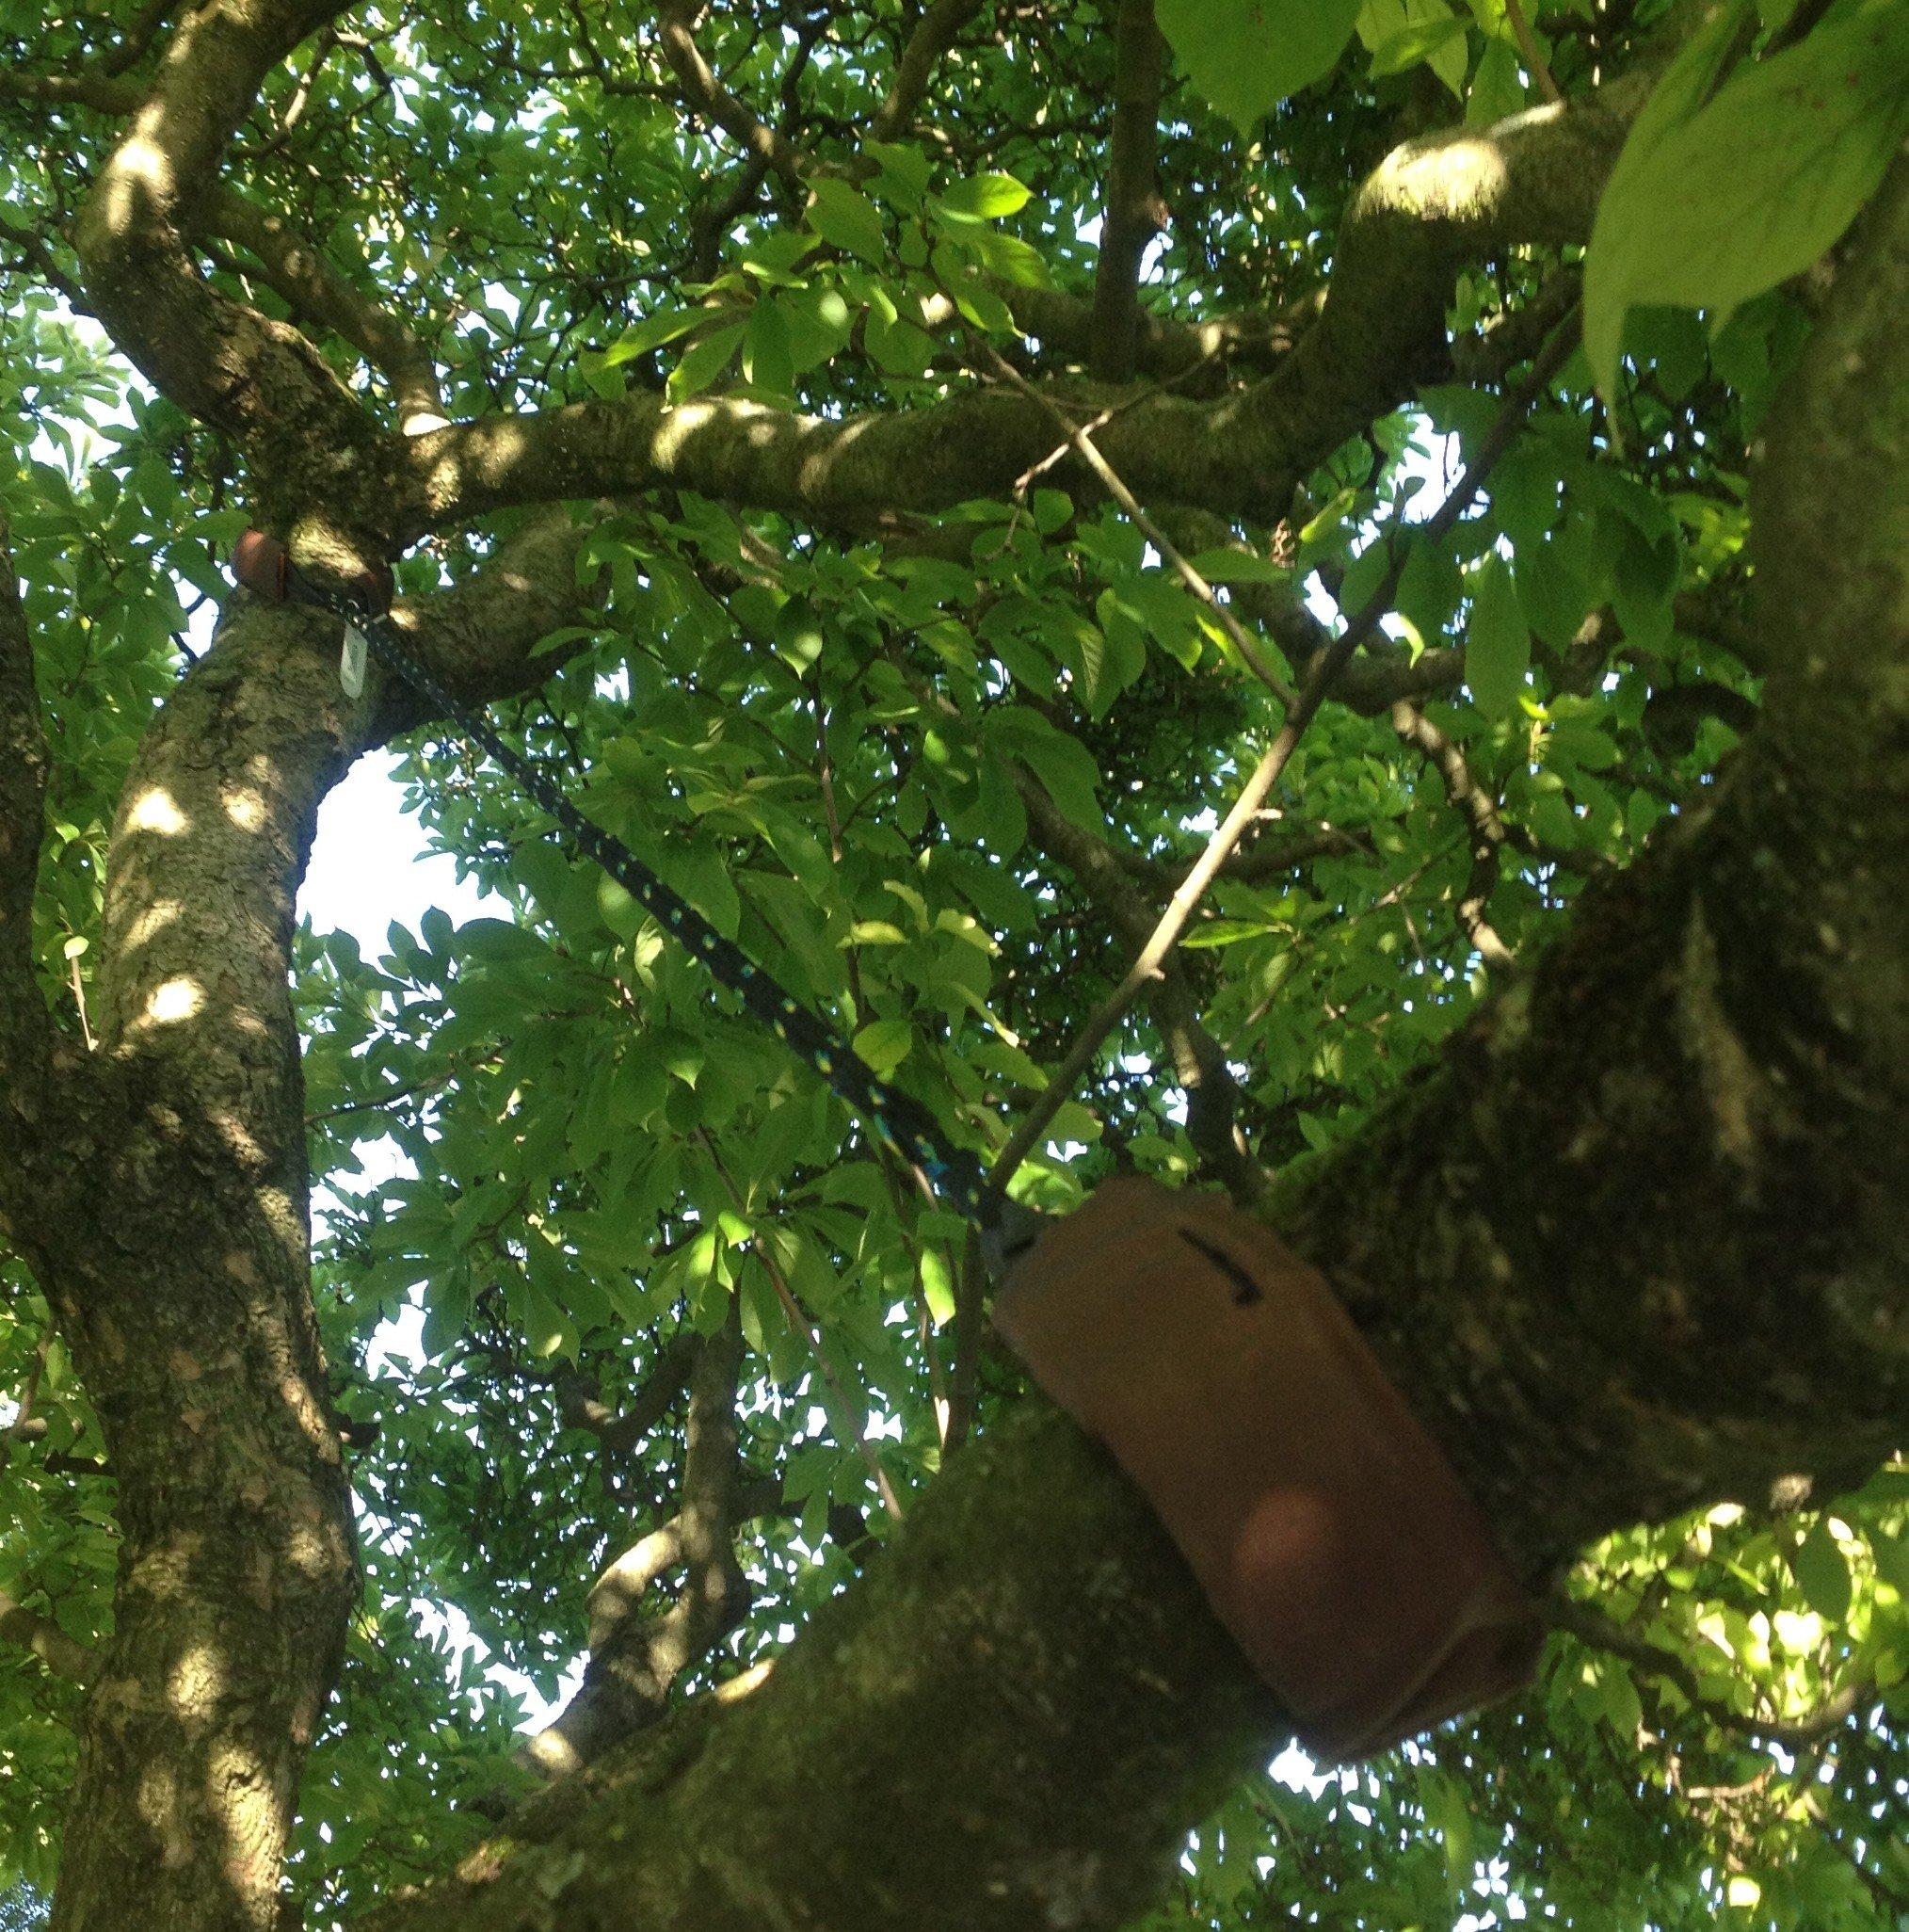 Verankering van een tak om toekomstige schade te voorkomen